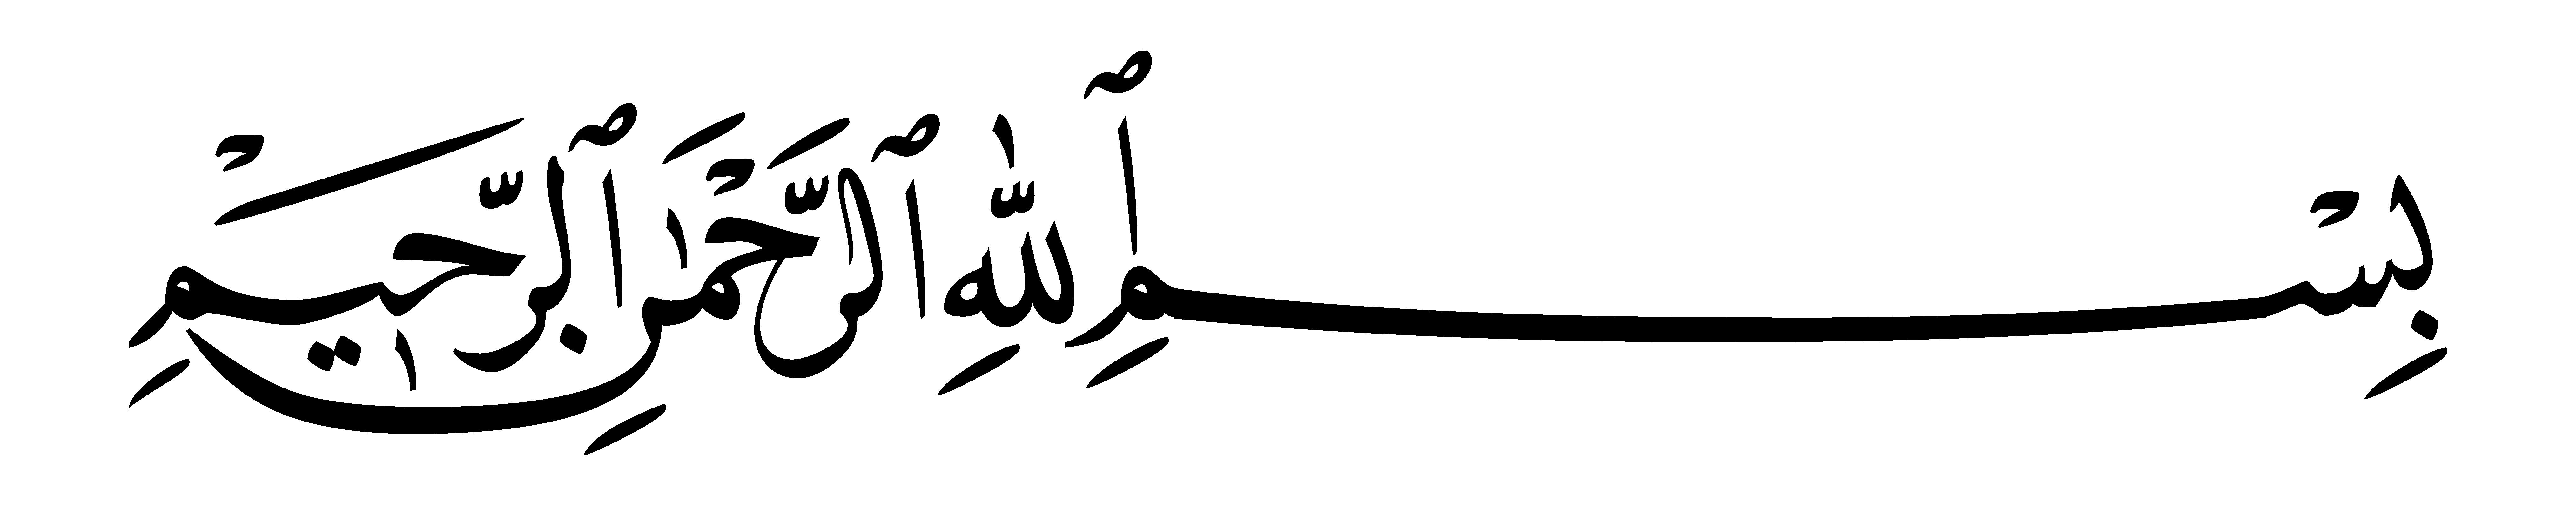 bismillah-png-20